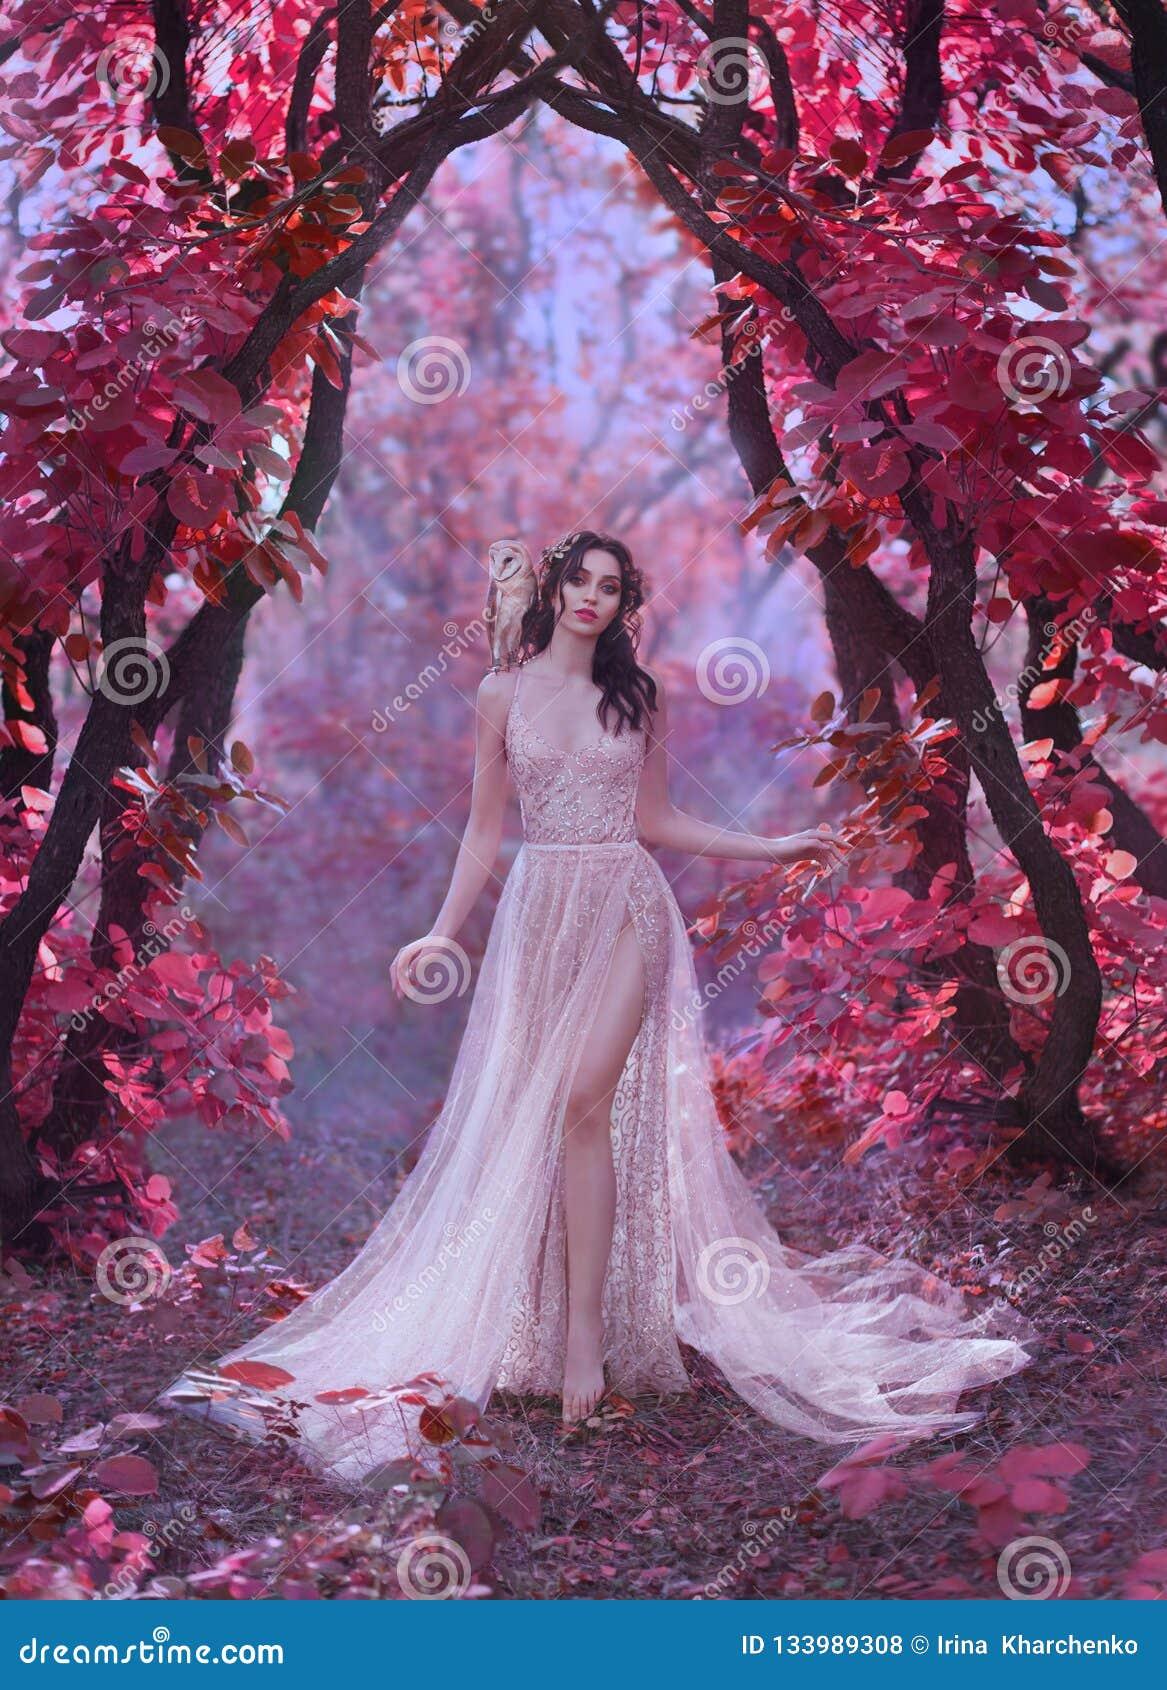 Μυστήρια ελκυστική κυρία σε ένα μακρύ ελαφρύ φόρεμα πολυτέλειας σε ένα μαγικό ρόδινο δάσος, πύλη στον κόσμο παραμυθιού, χαριτωμέν